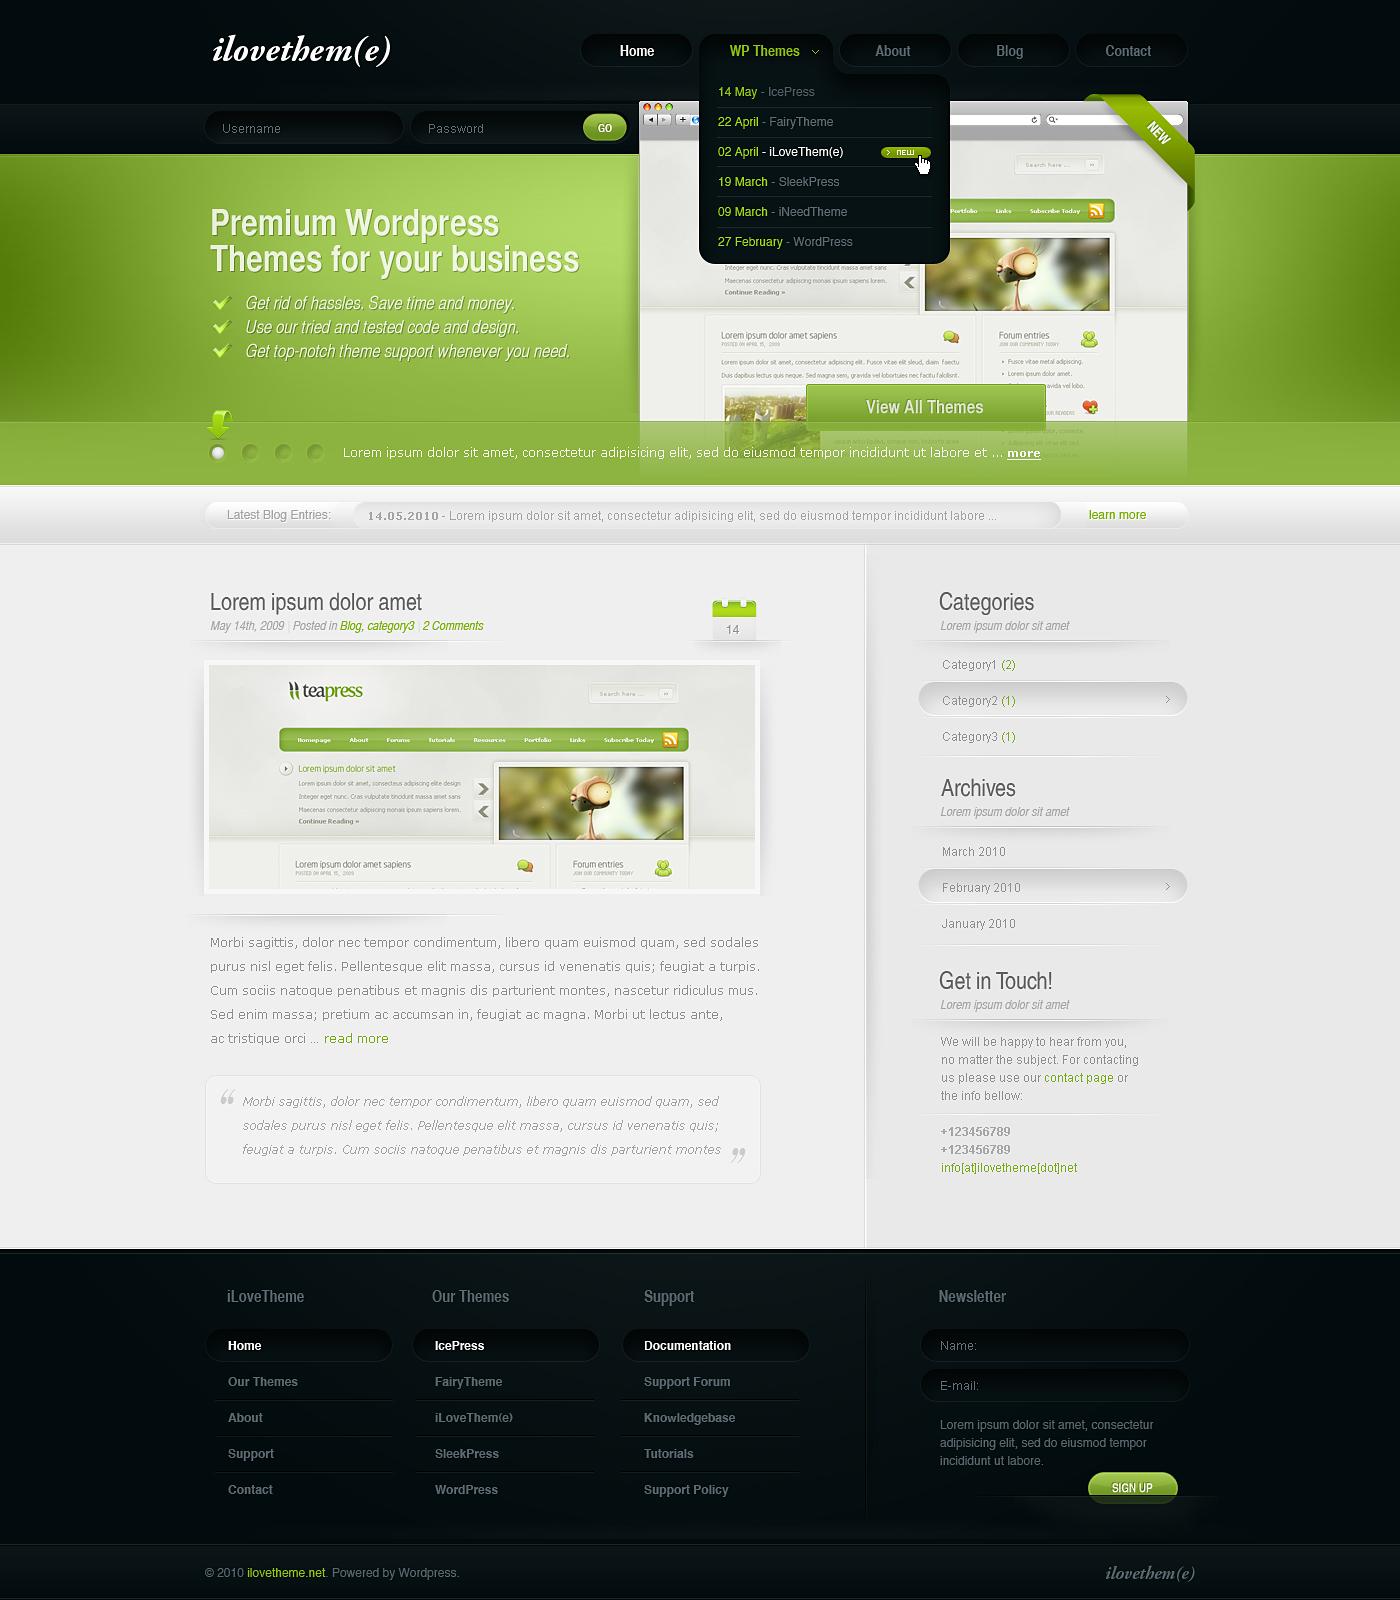 iLoveTheme - WordPress Theme by detrans